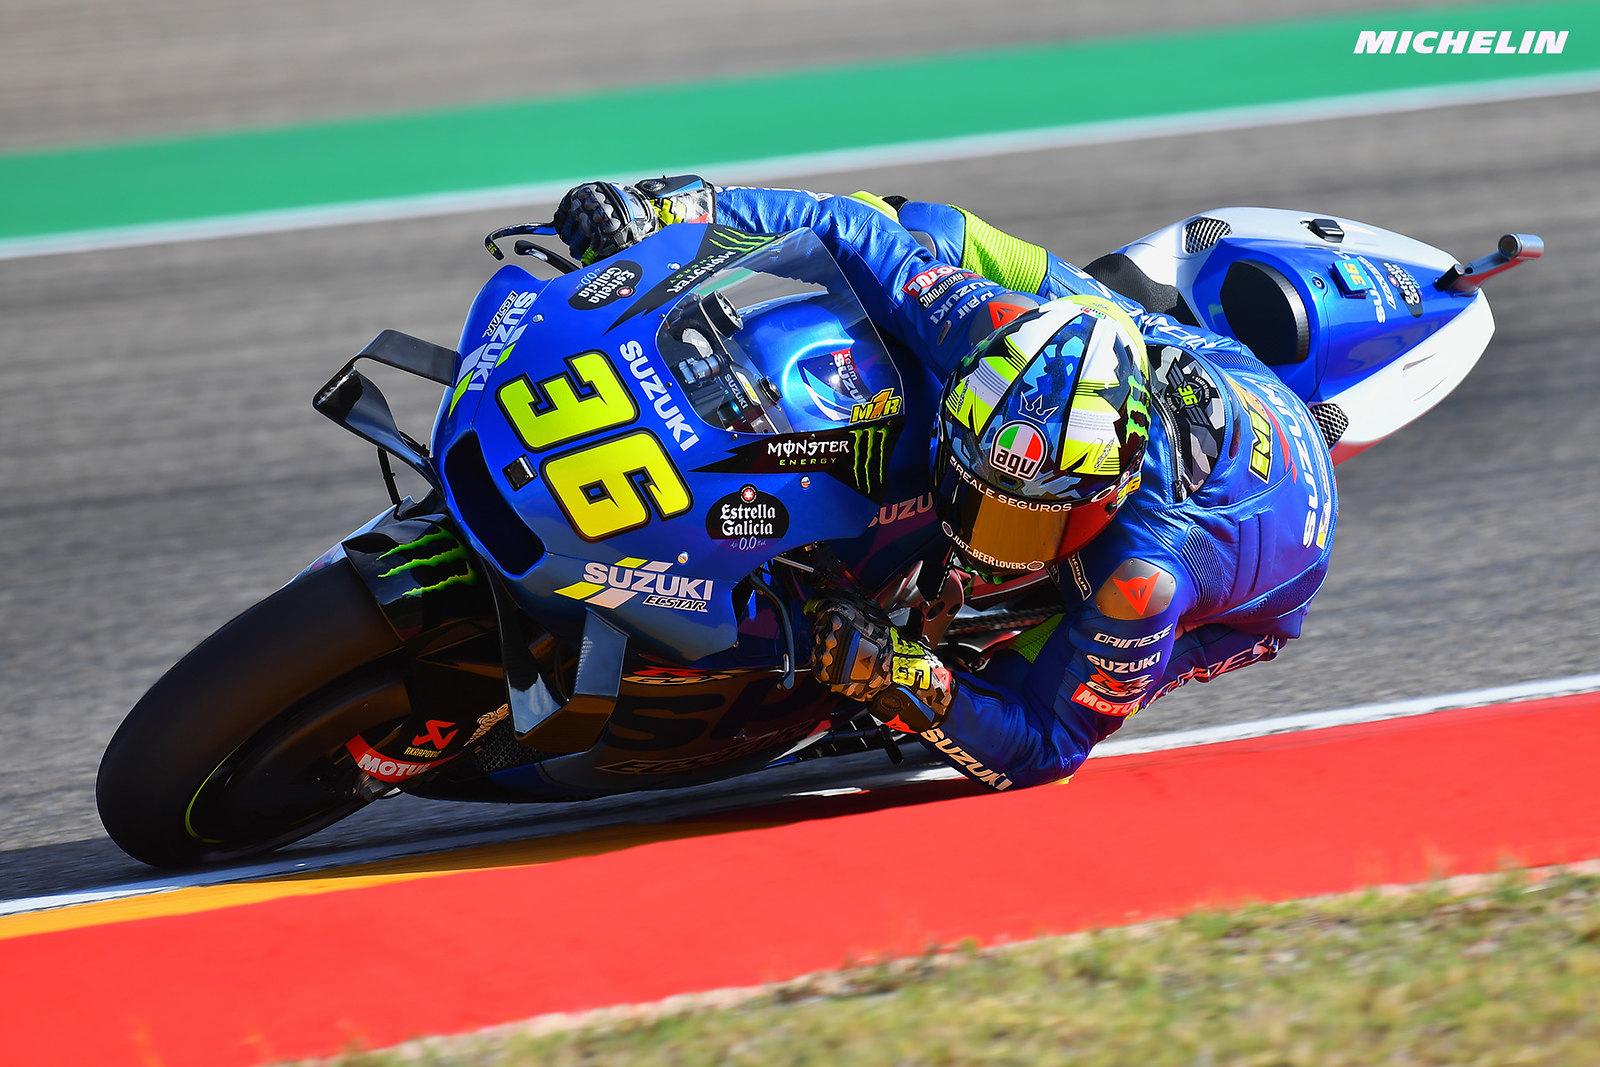 MotoGP2021アラゴンGP  初日総合21位ジョアン・ミル「セットアップを作り込んでいるところ」